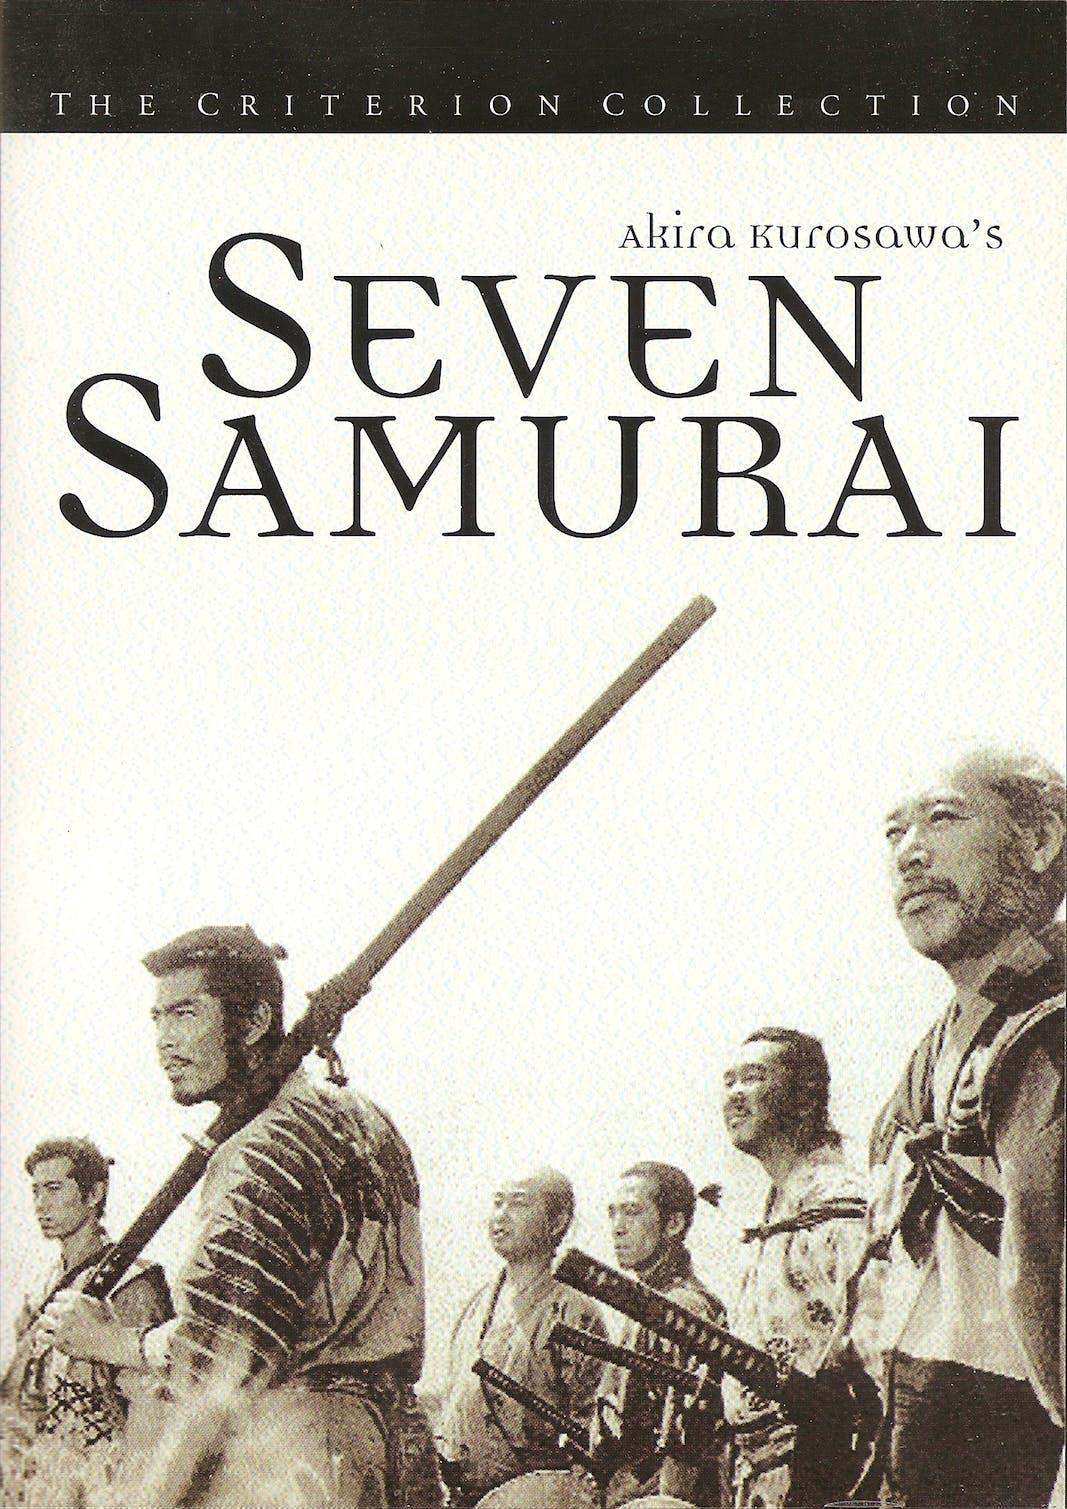 Filmogs most wanted, Akira Kurosawa's Seven Samurai